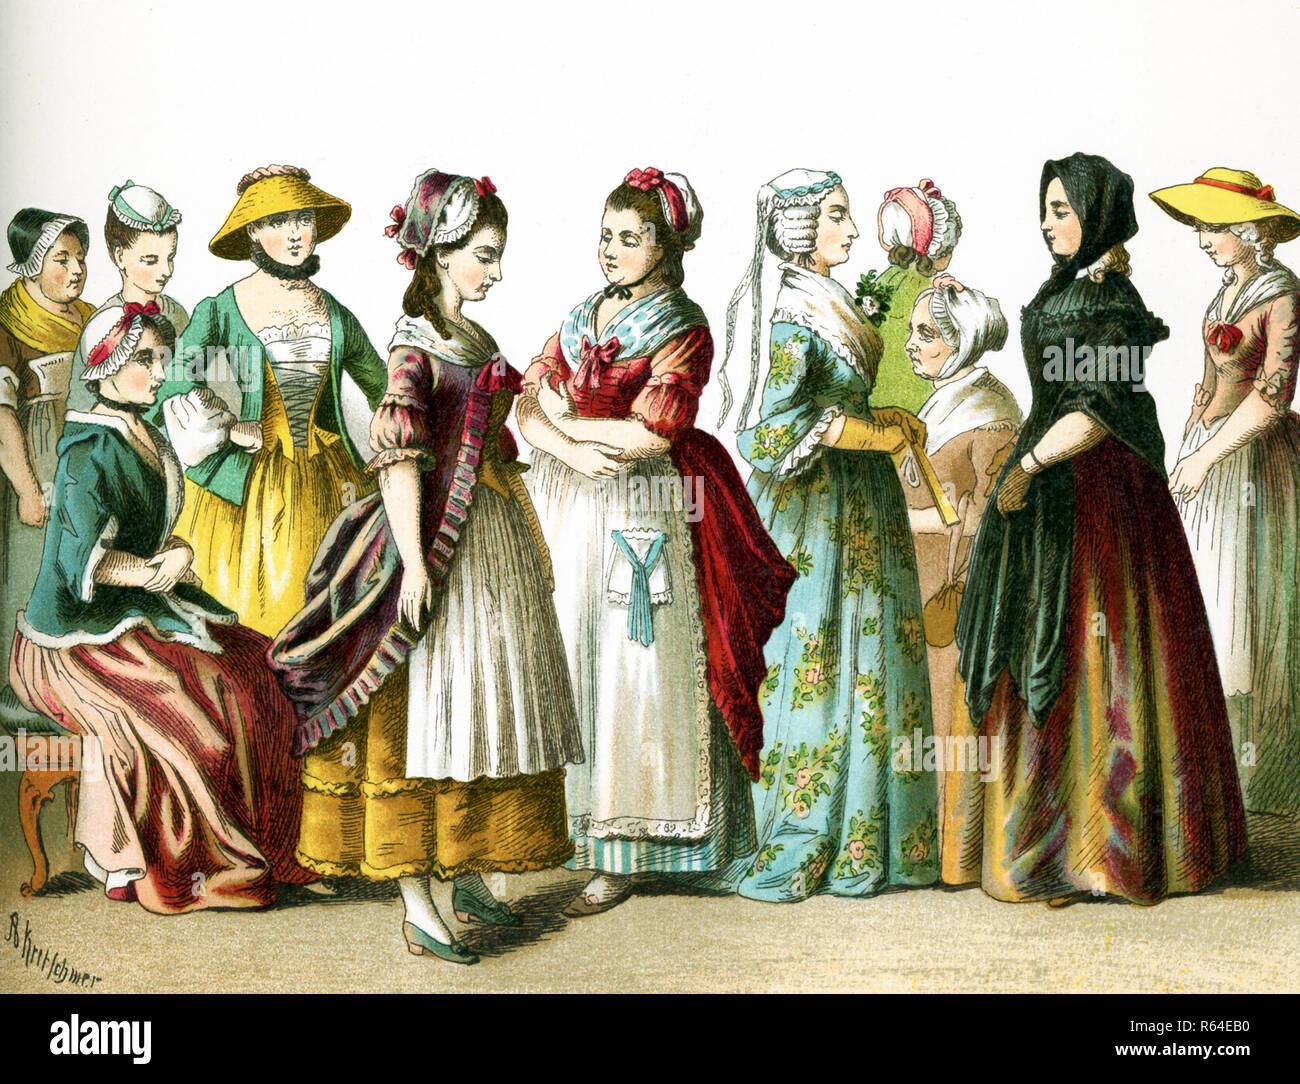 Le figure qui illustrato sono tedesco cittadini femminile nel 1700. Questa illustrazione risale al 1882. Immagini Stock